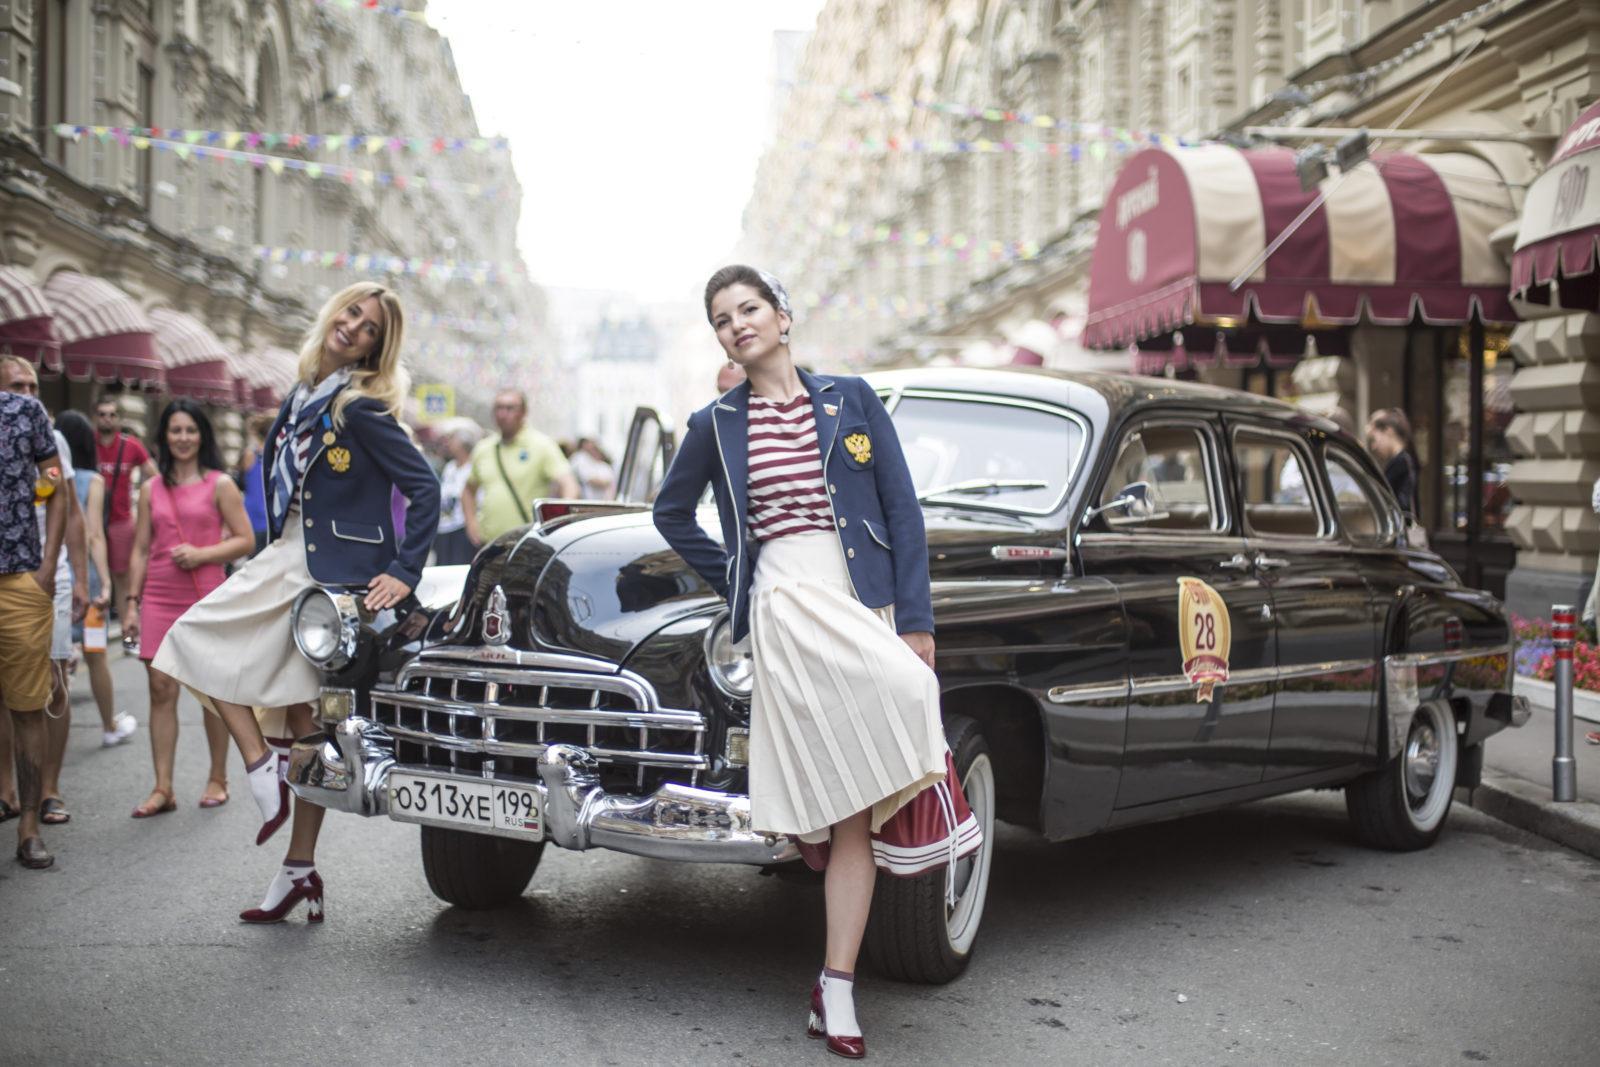 Интересные события на выходные в Москве: чем заняться 21-22 июля